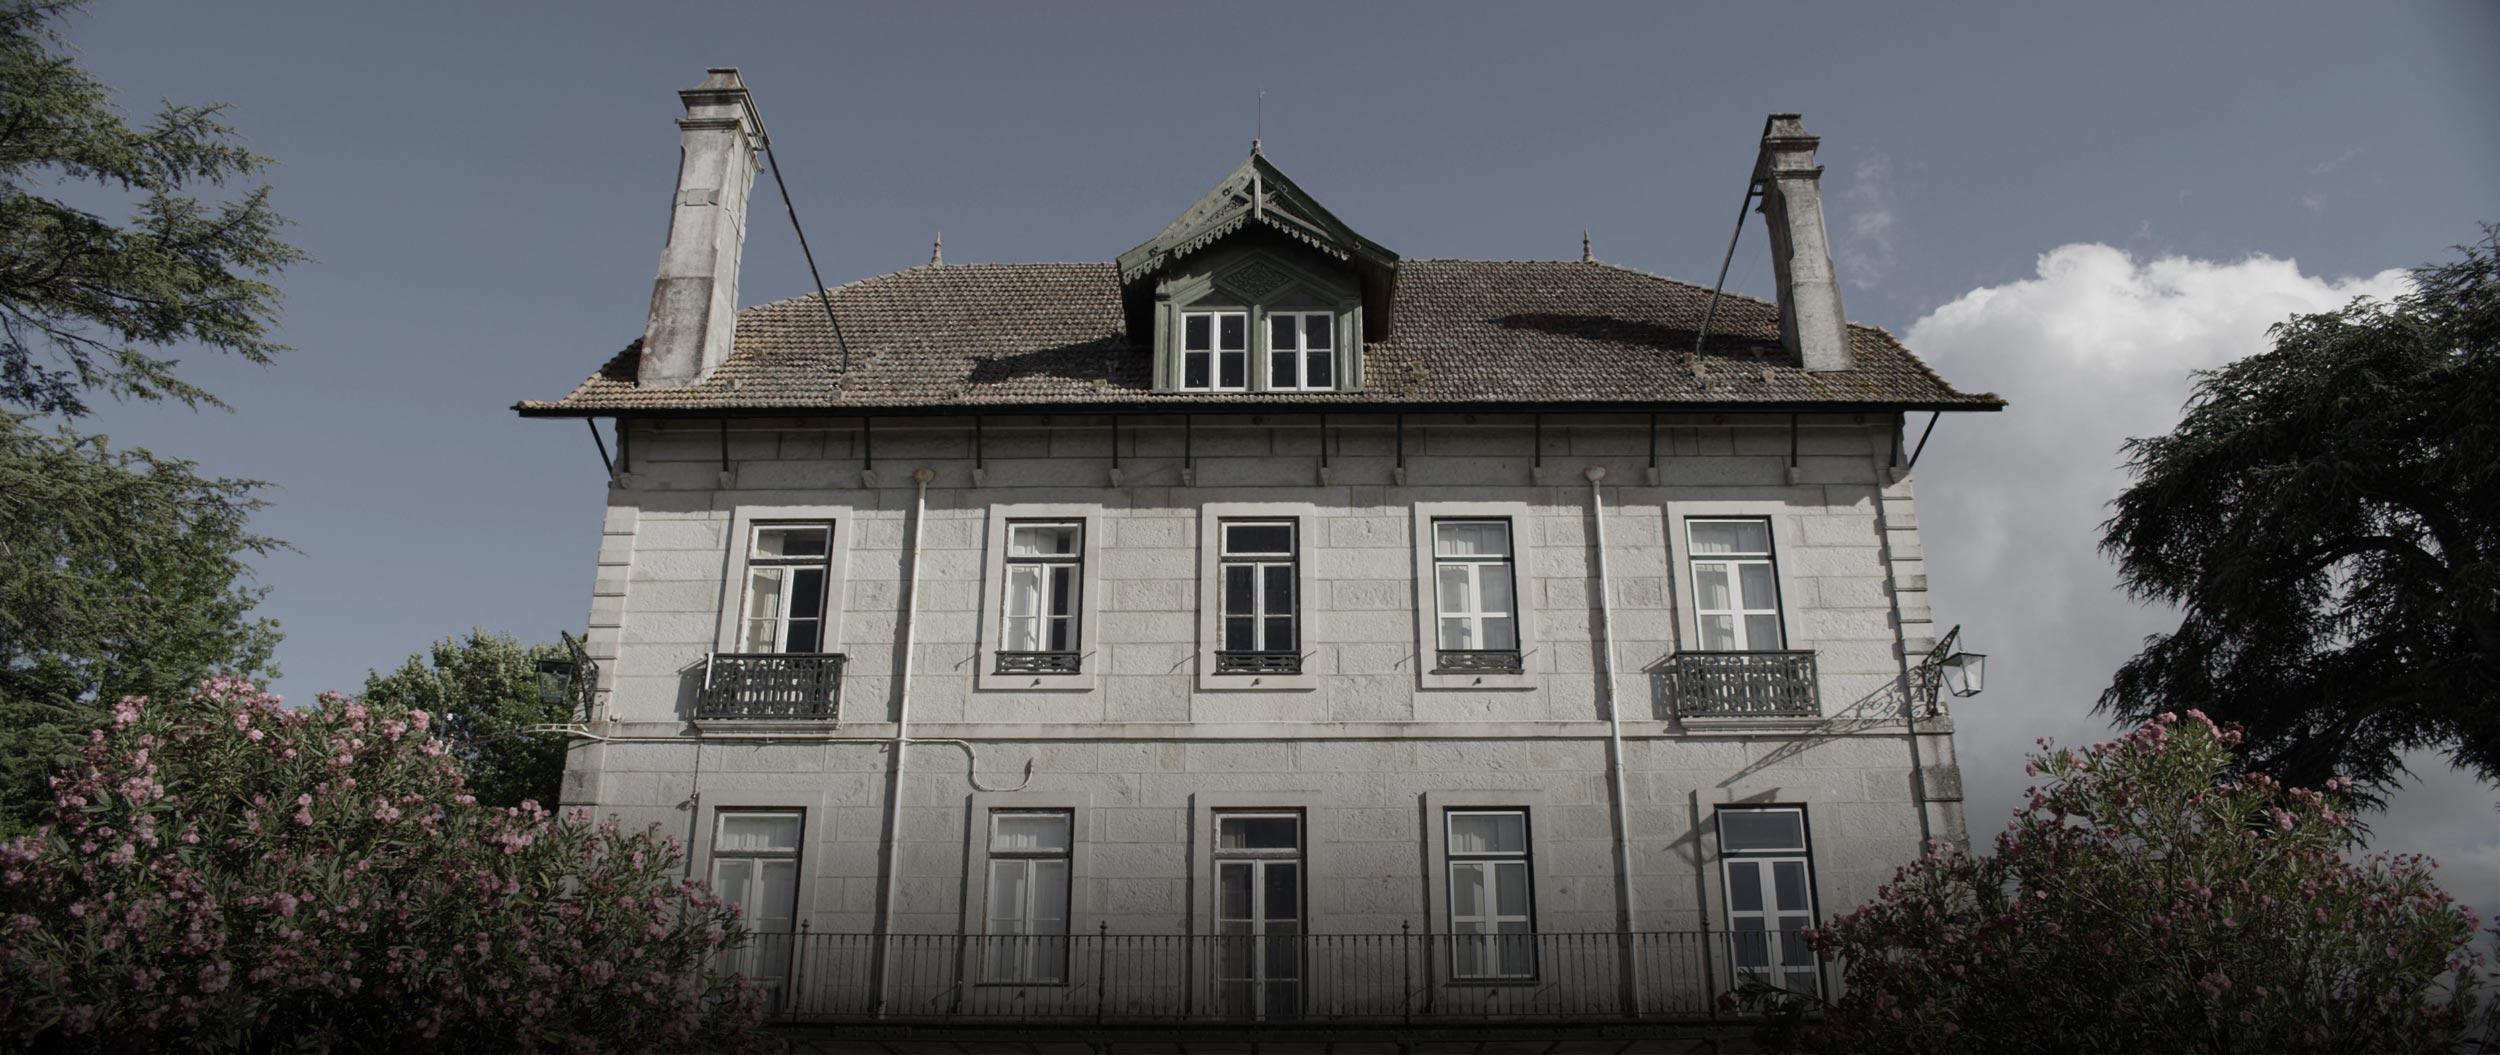 casa_da_passarela_frame_070